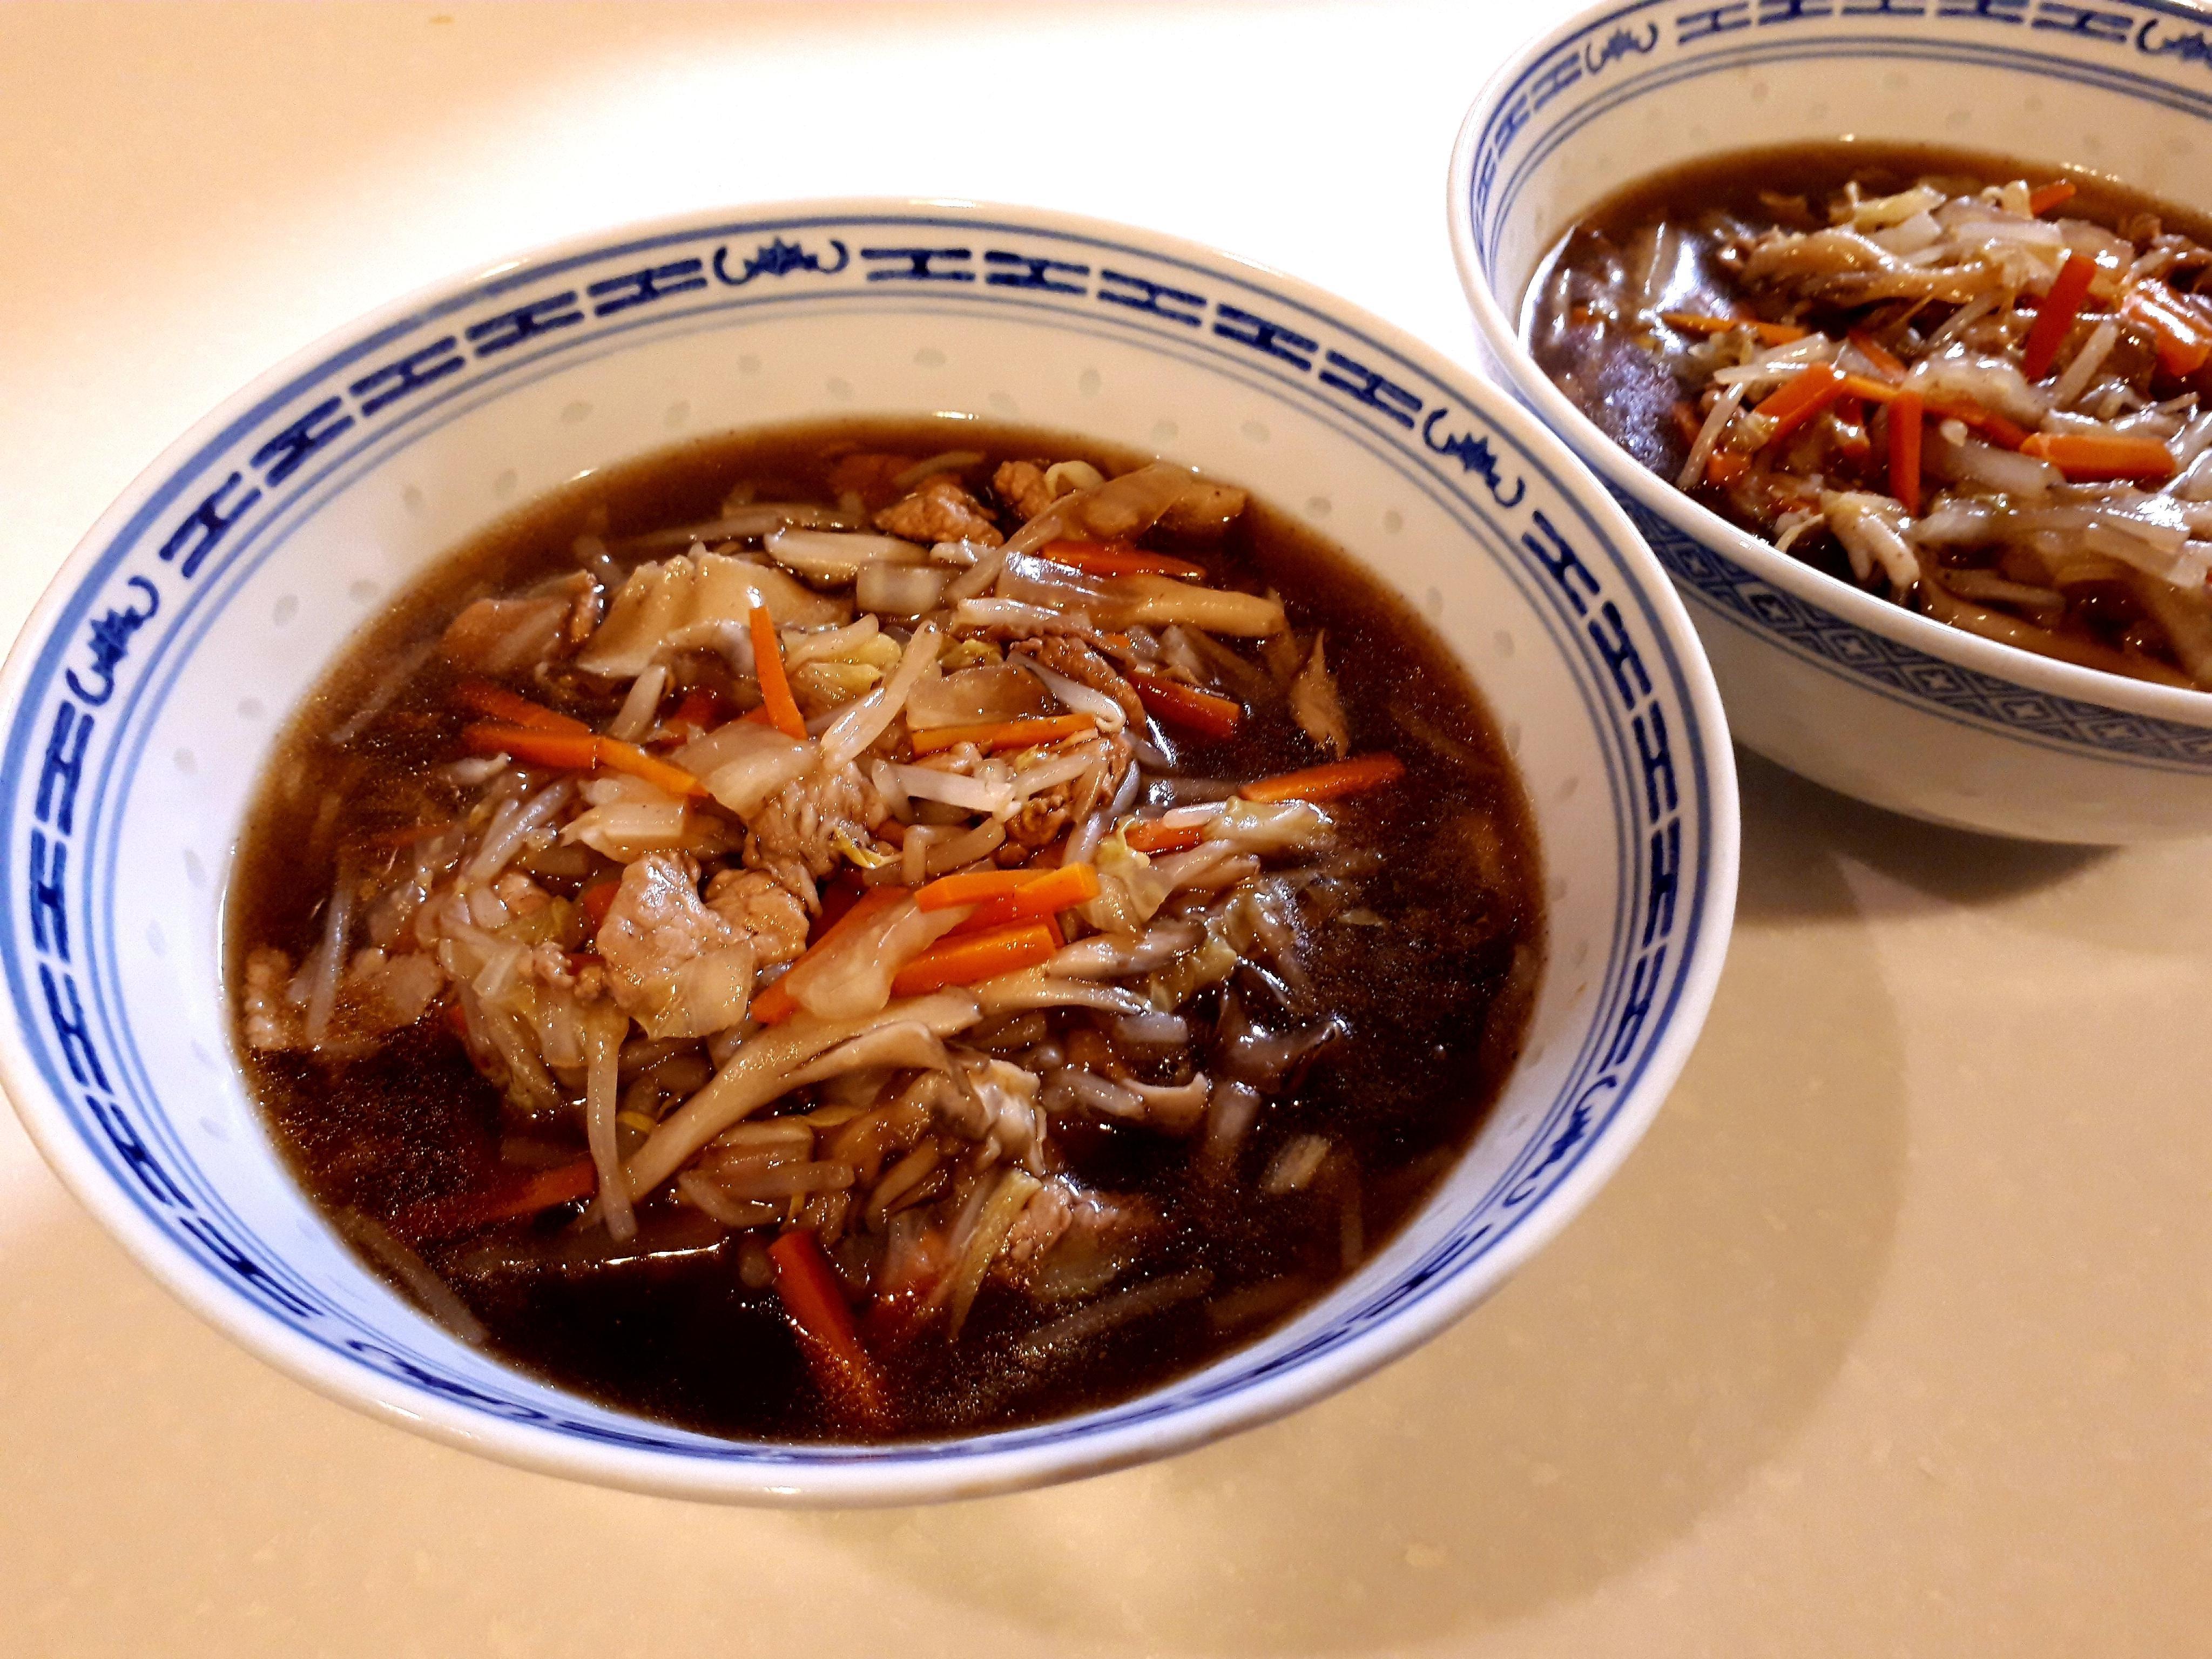 わたしんちの広東麺